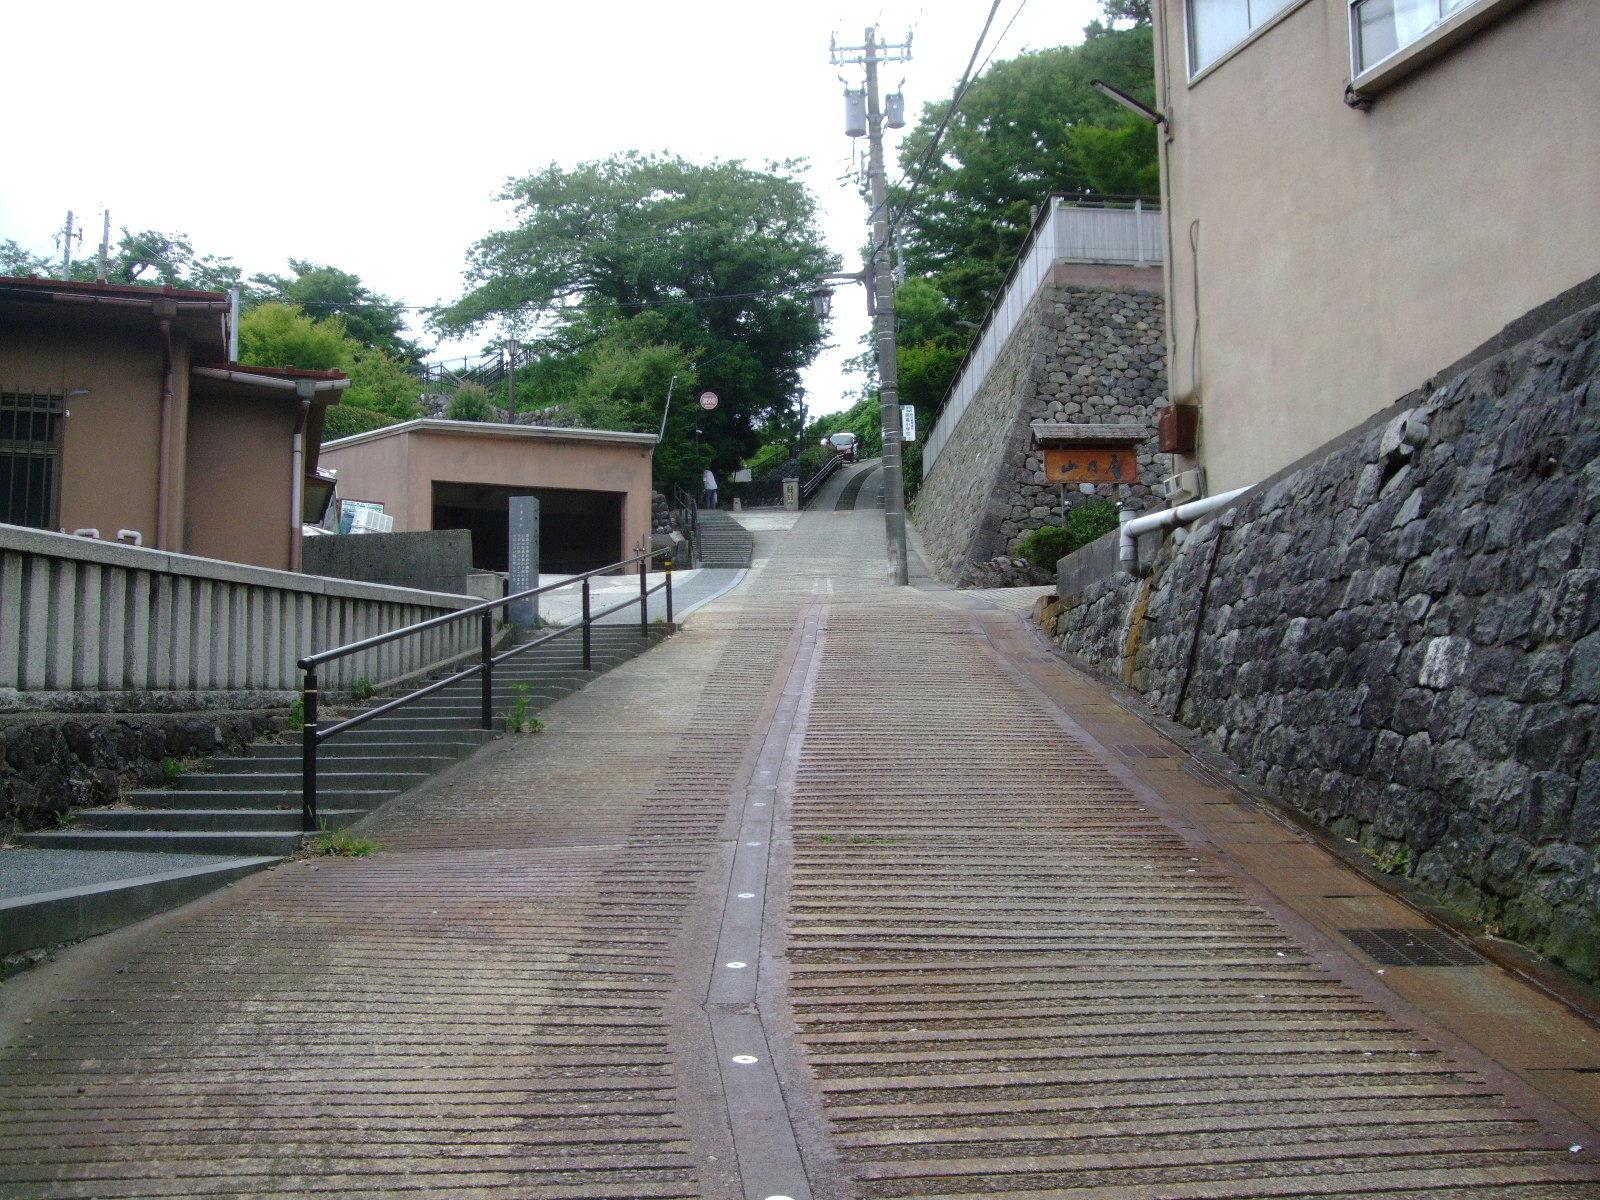 第4話 ひがし茶屋街から宝泉寺への散歩道と a.k.a の創作料理を楽しむ_f0100593_10432599.jpg